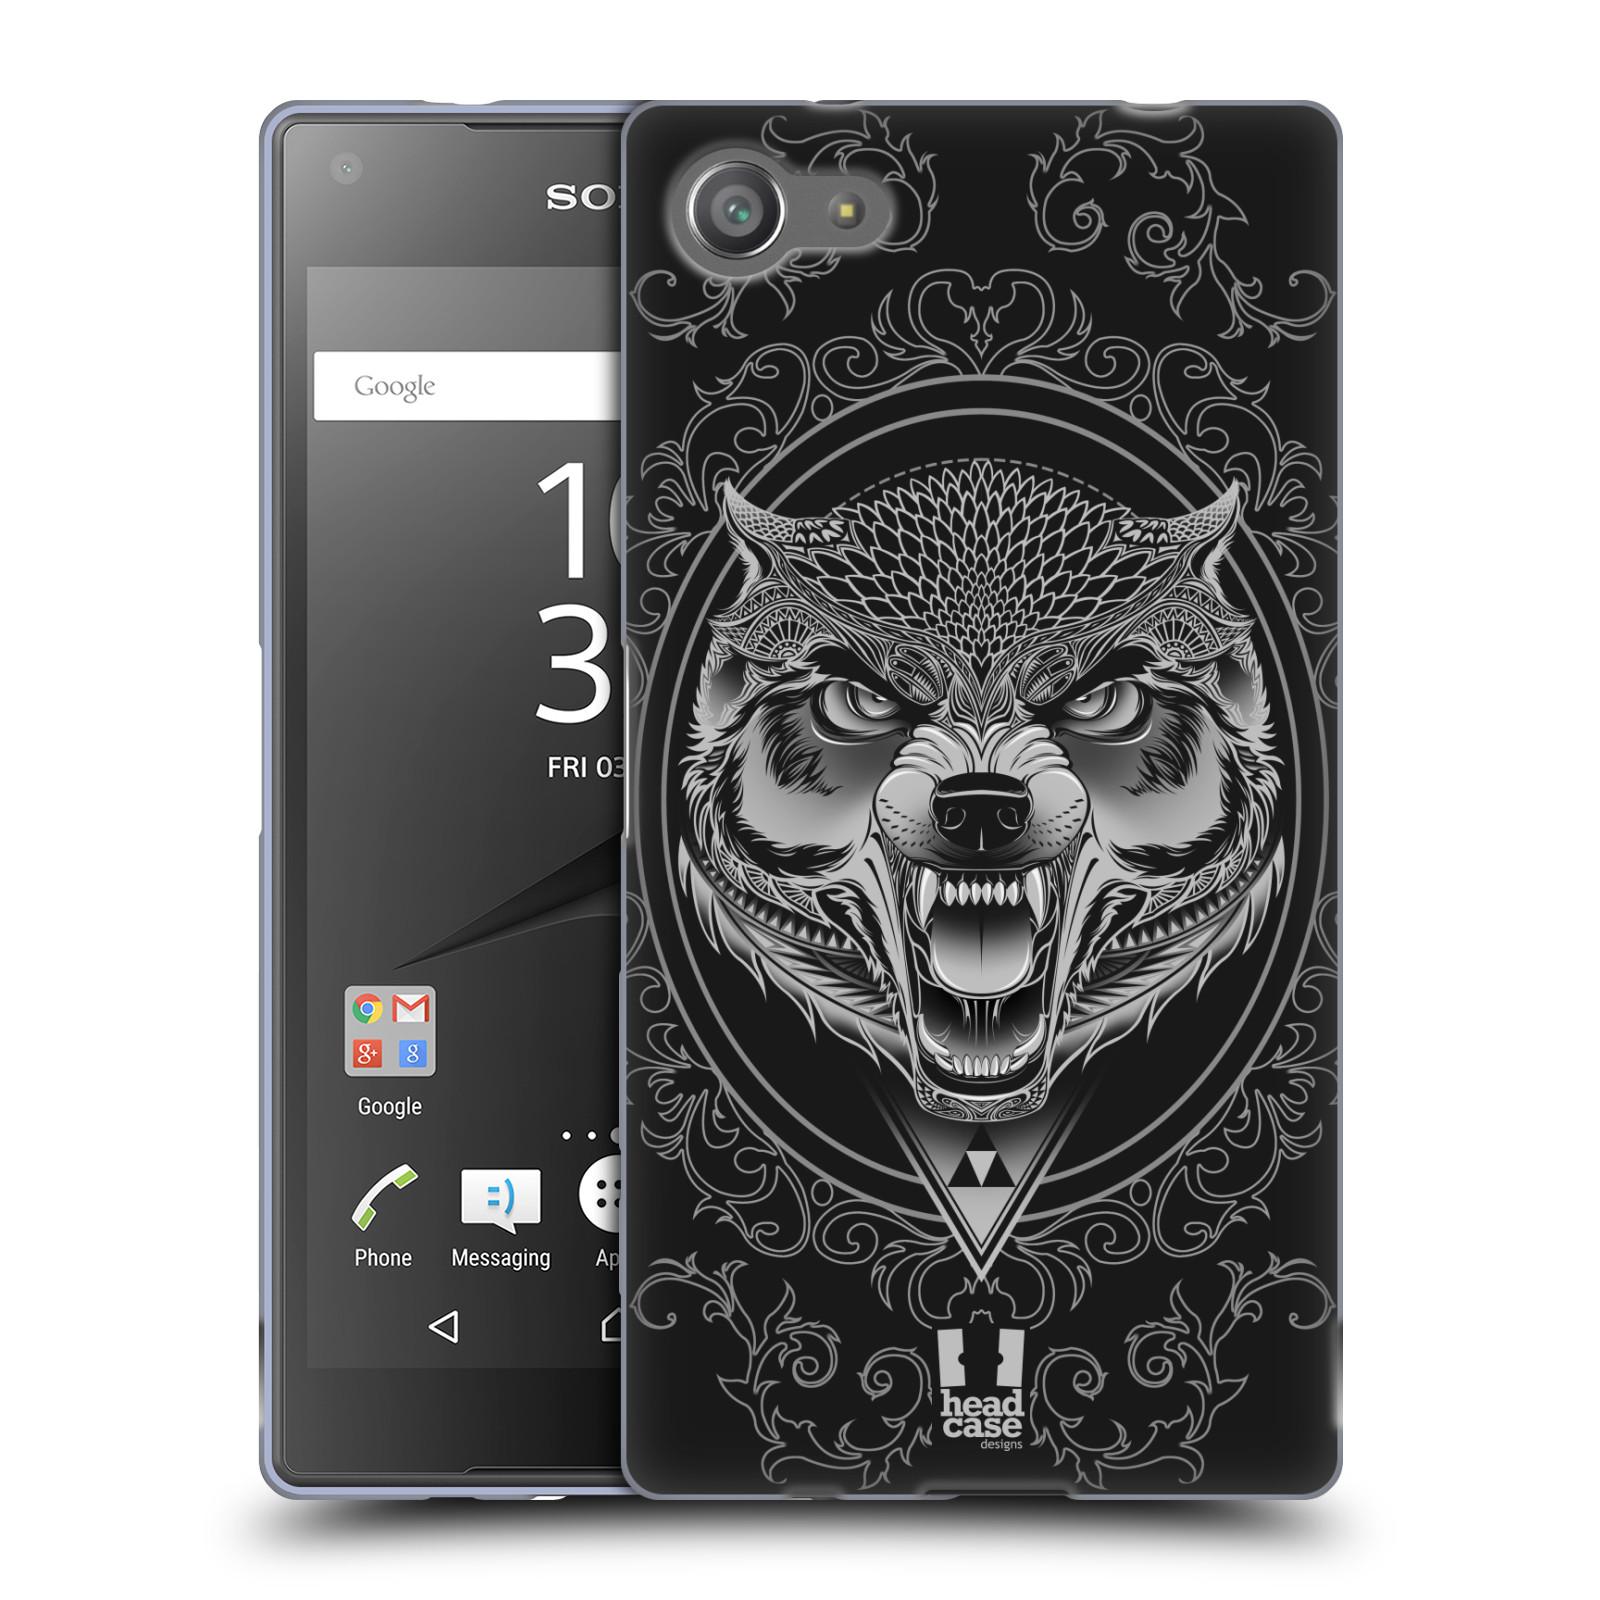 Silikonové pouzdro na mobil Sony Xperia Z5 Compact - Head Case - Krutý vlk